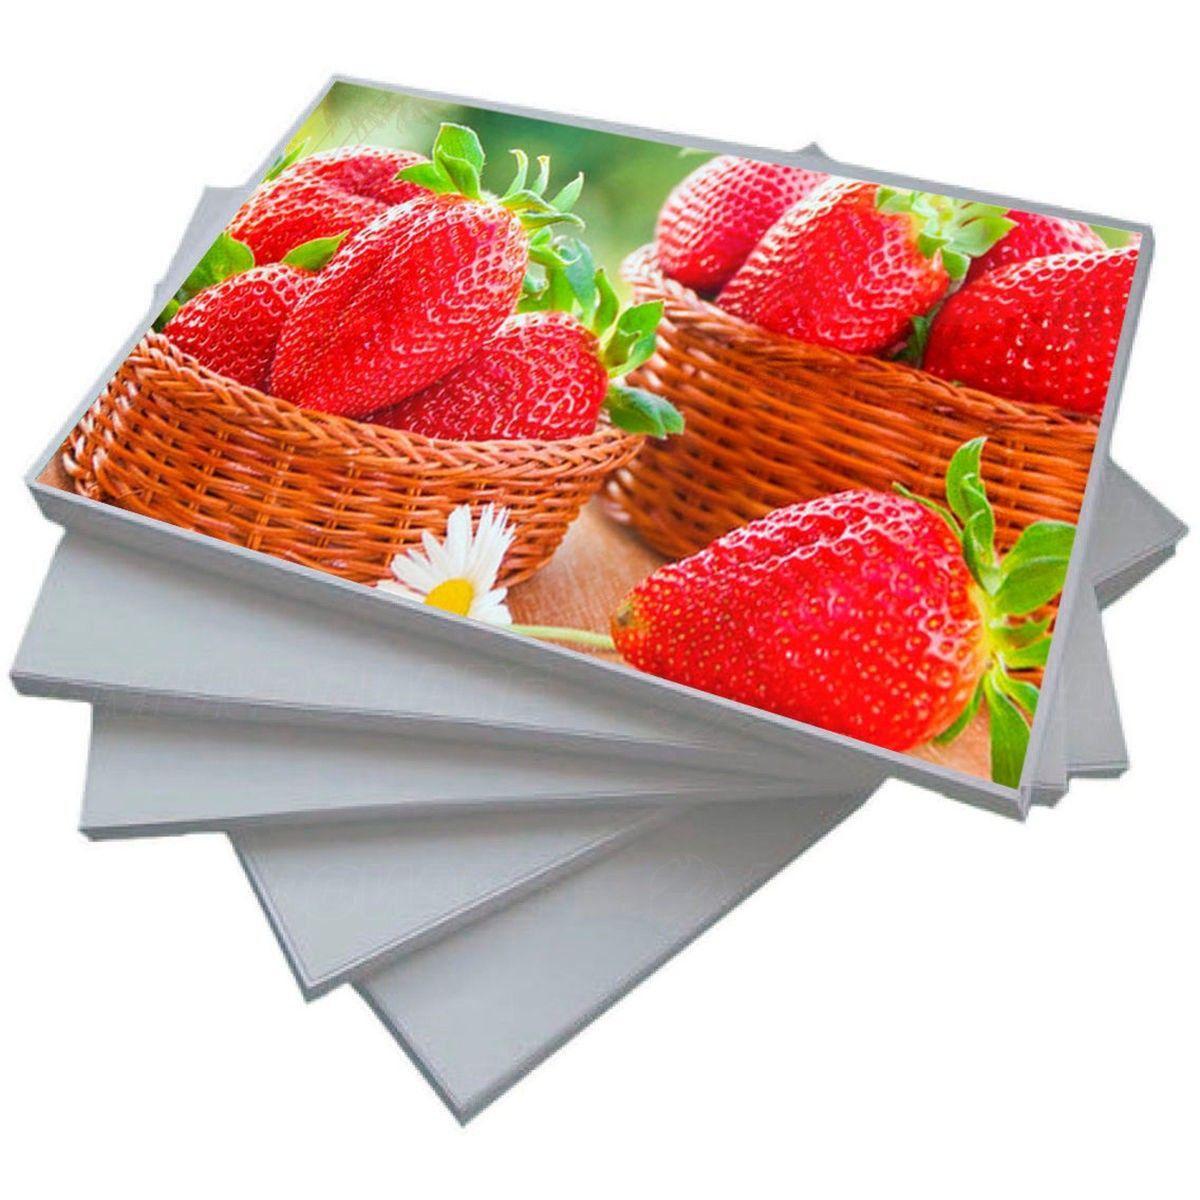 Papel Foto Adesivo 115g A4 Glossy Branco Brilhante Resistente à Água / 100 folhas